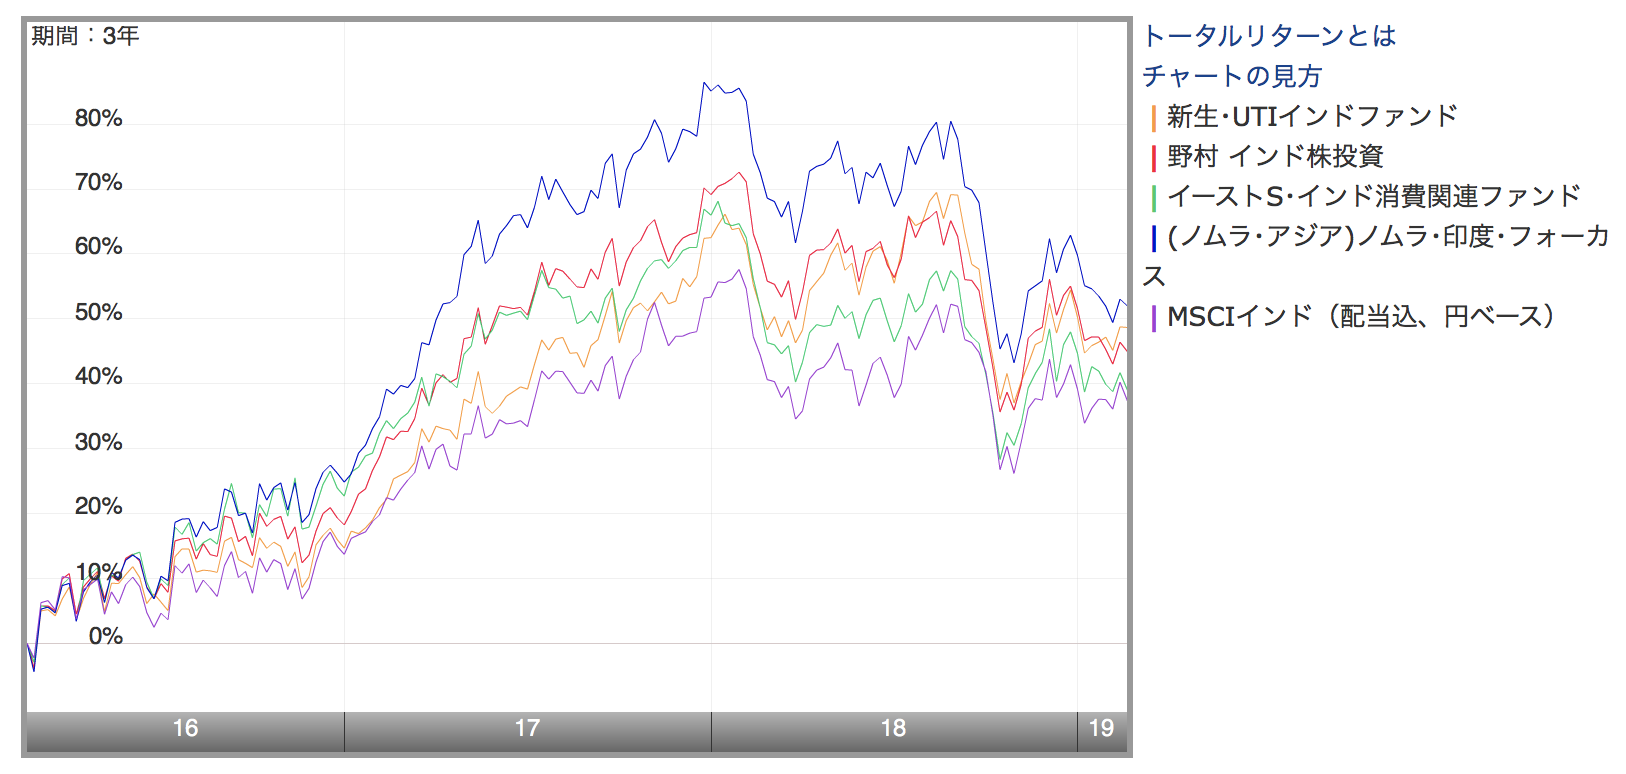 過去3年のインド投資信託の値動き